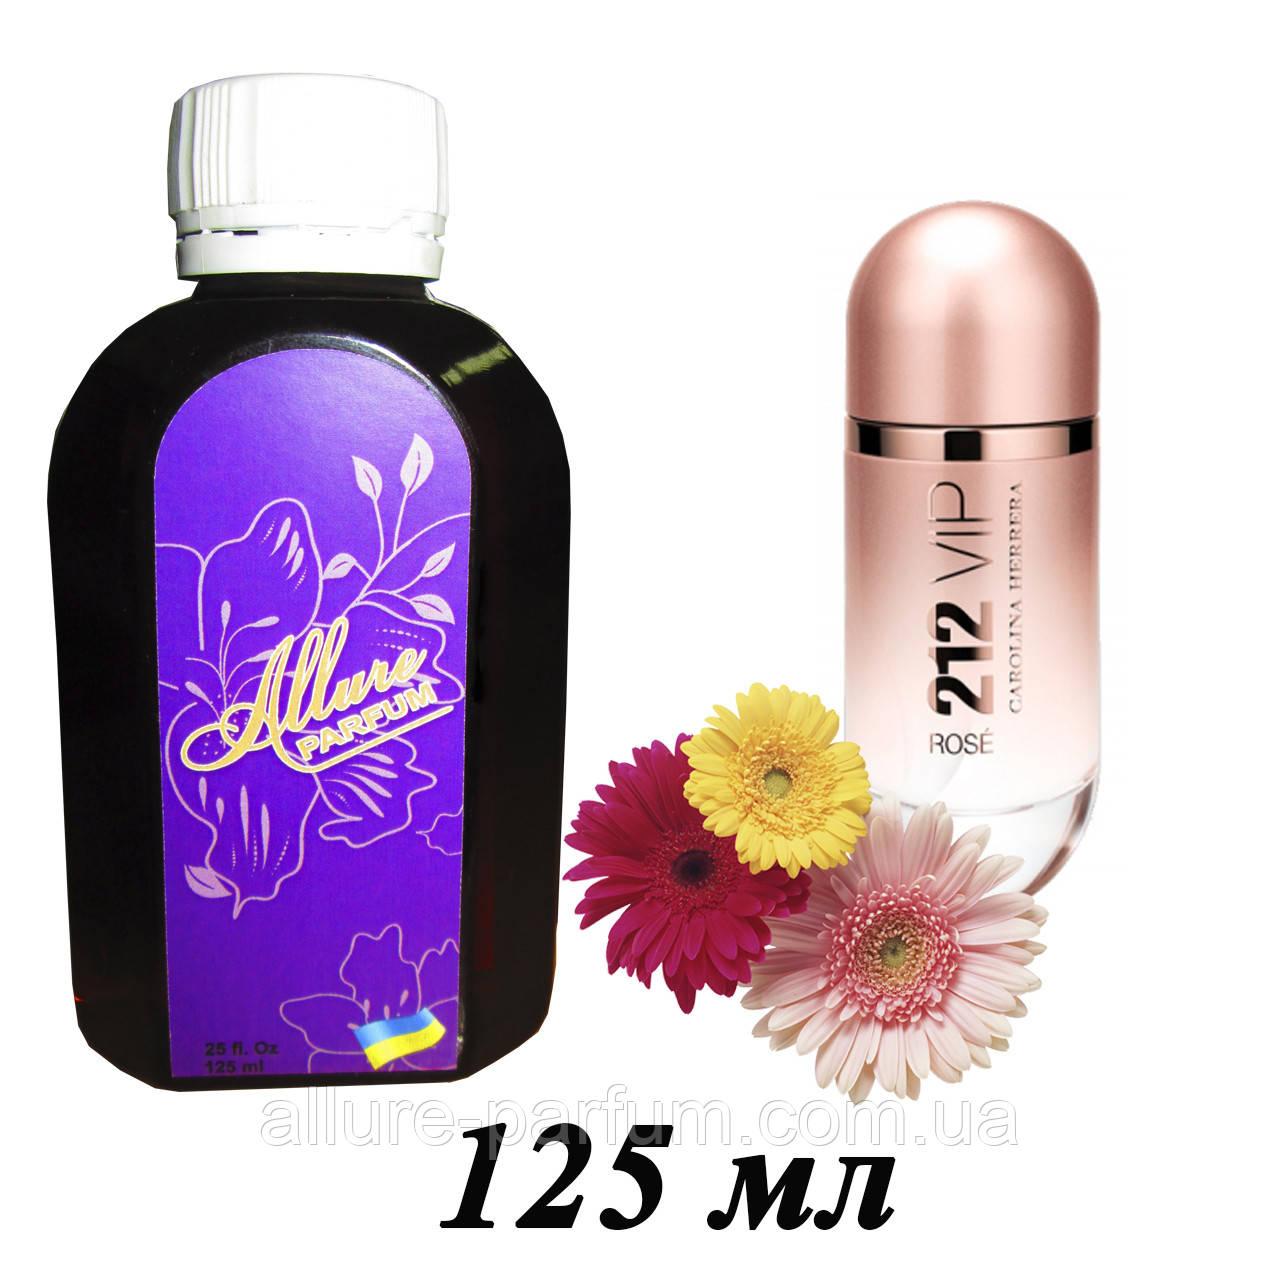 Женская парфюмерия 125 мл Carolina Herrera/ 212 Vip Rose  - Allure-Parfum в Киеве